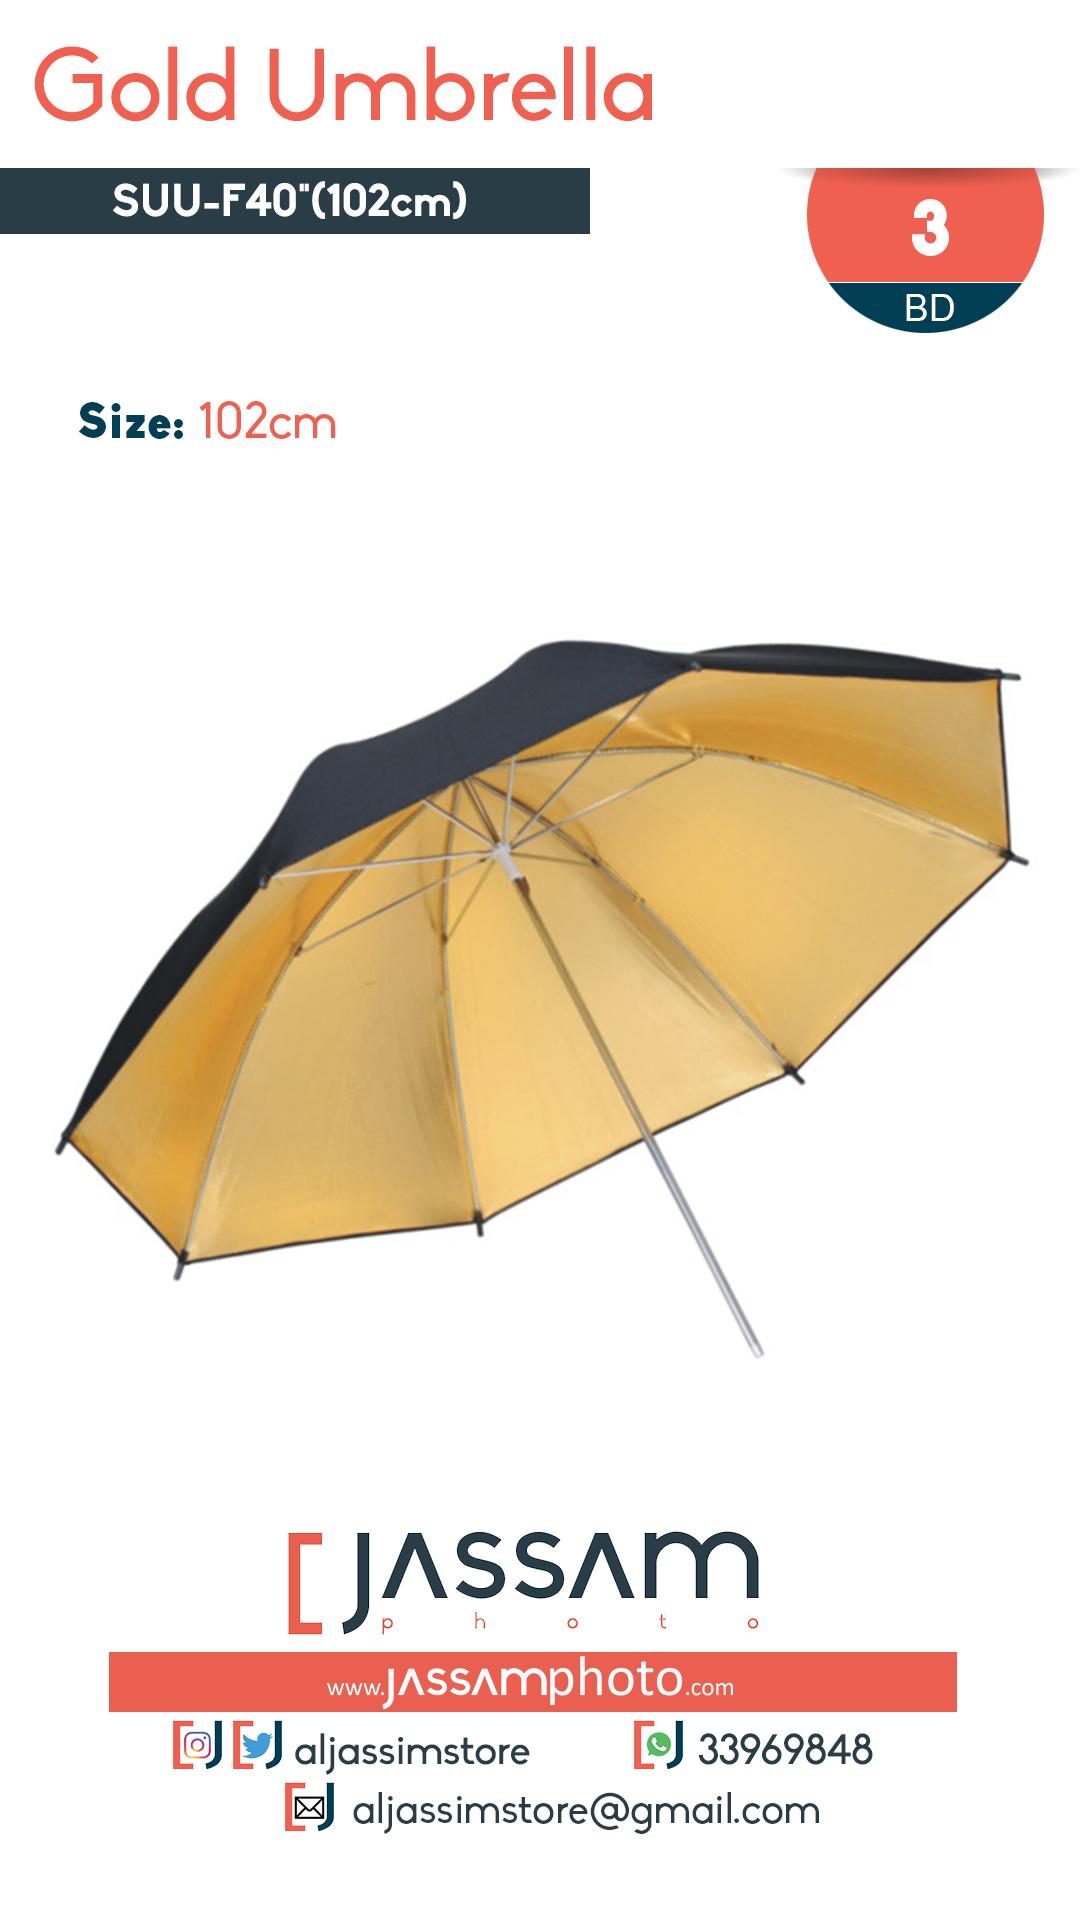 Gold Umbrella 102cm